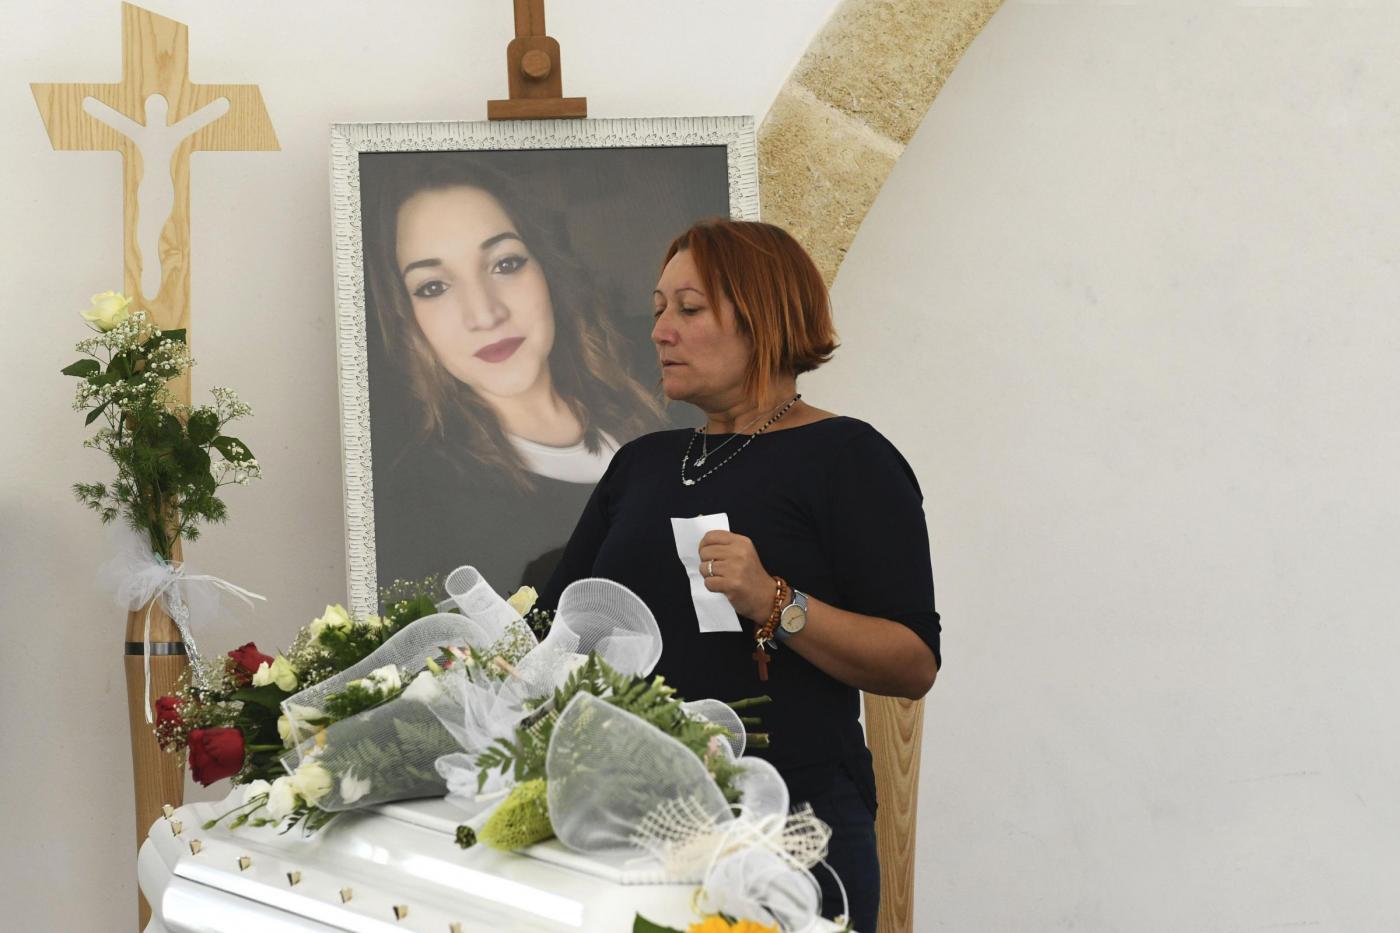 Ha seppellito viva la fidanzata Noemi, tre anni dopo chiede i permessi per lavorare fuori dal carcere. La rabbia della famiglia